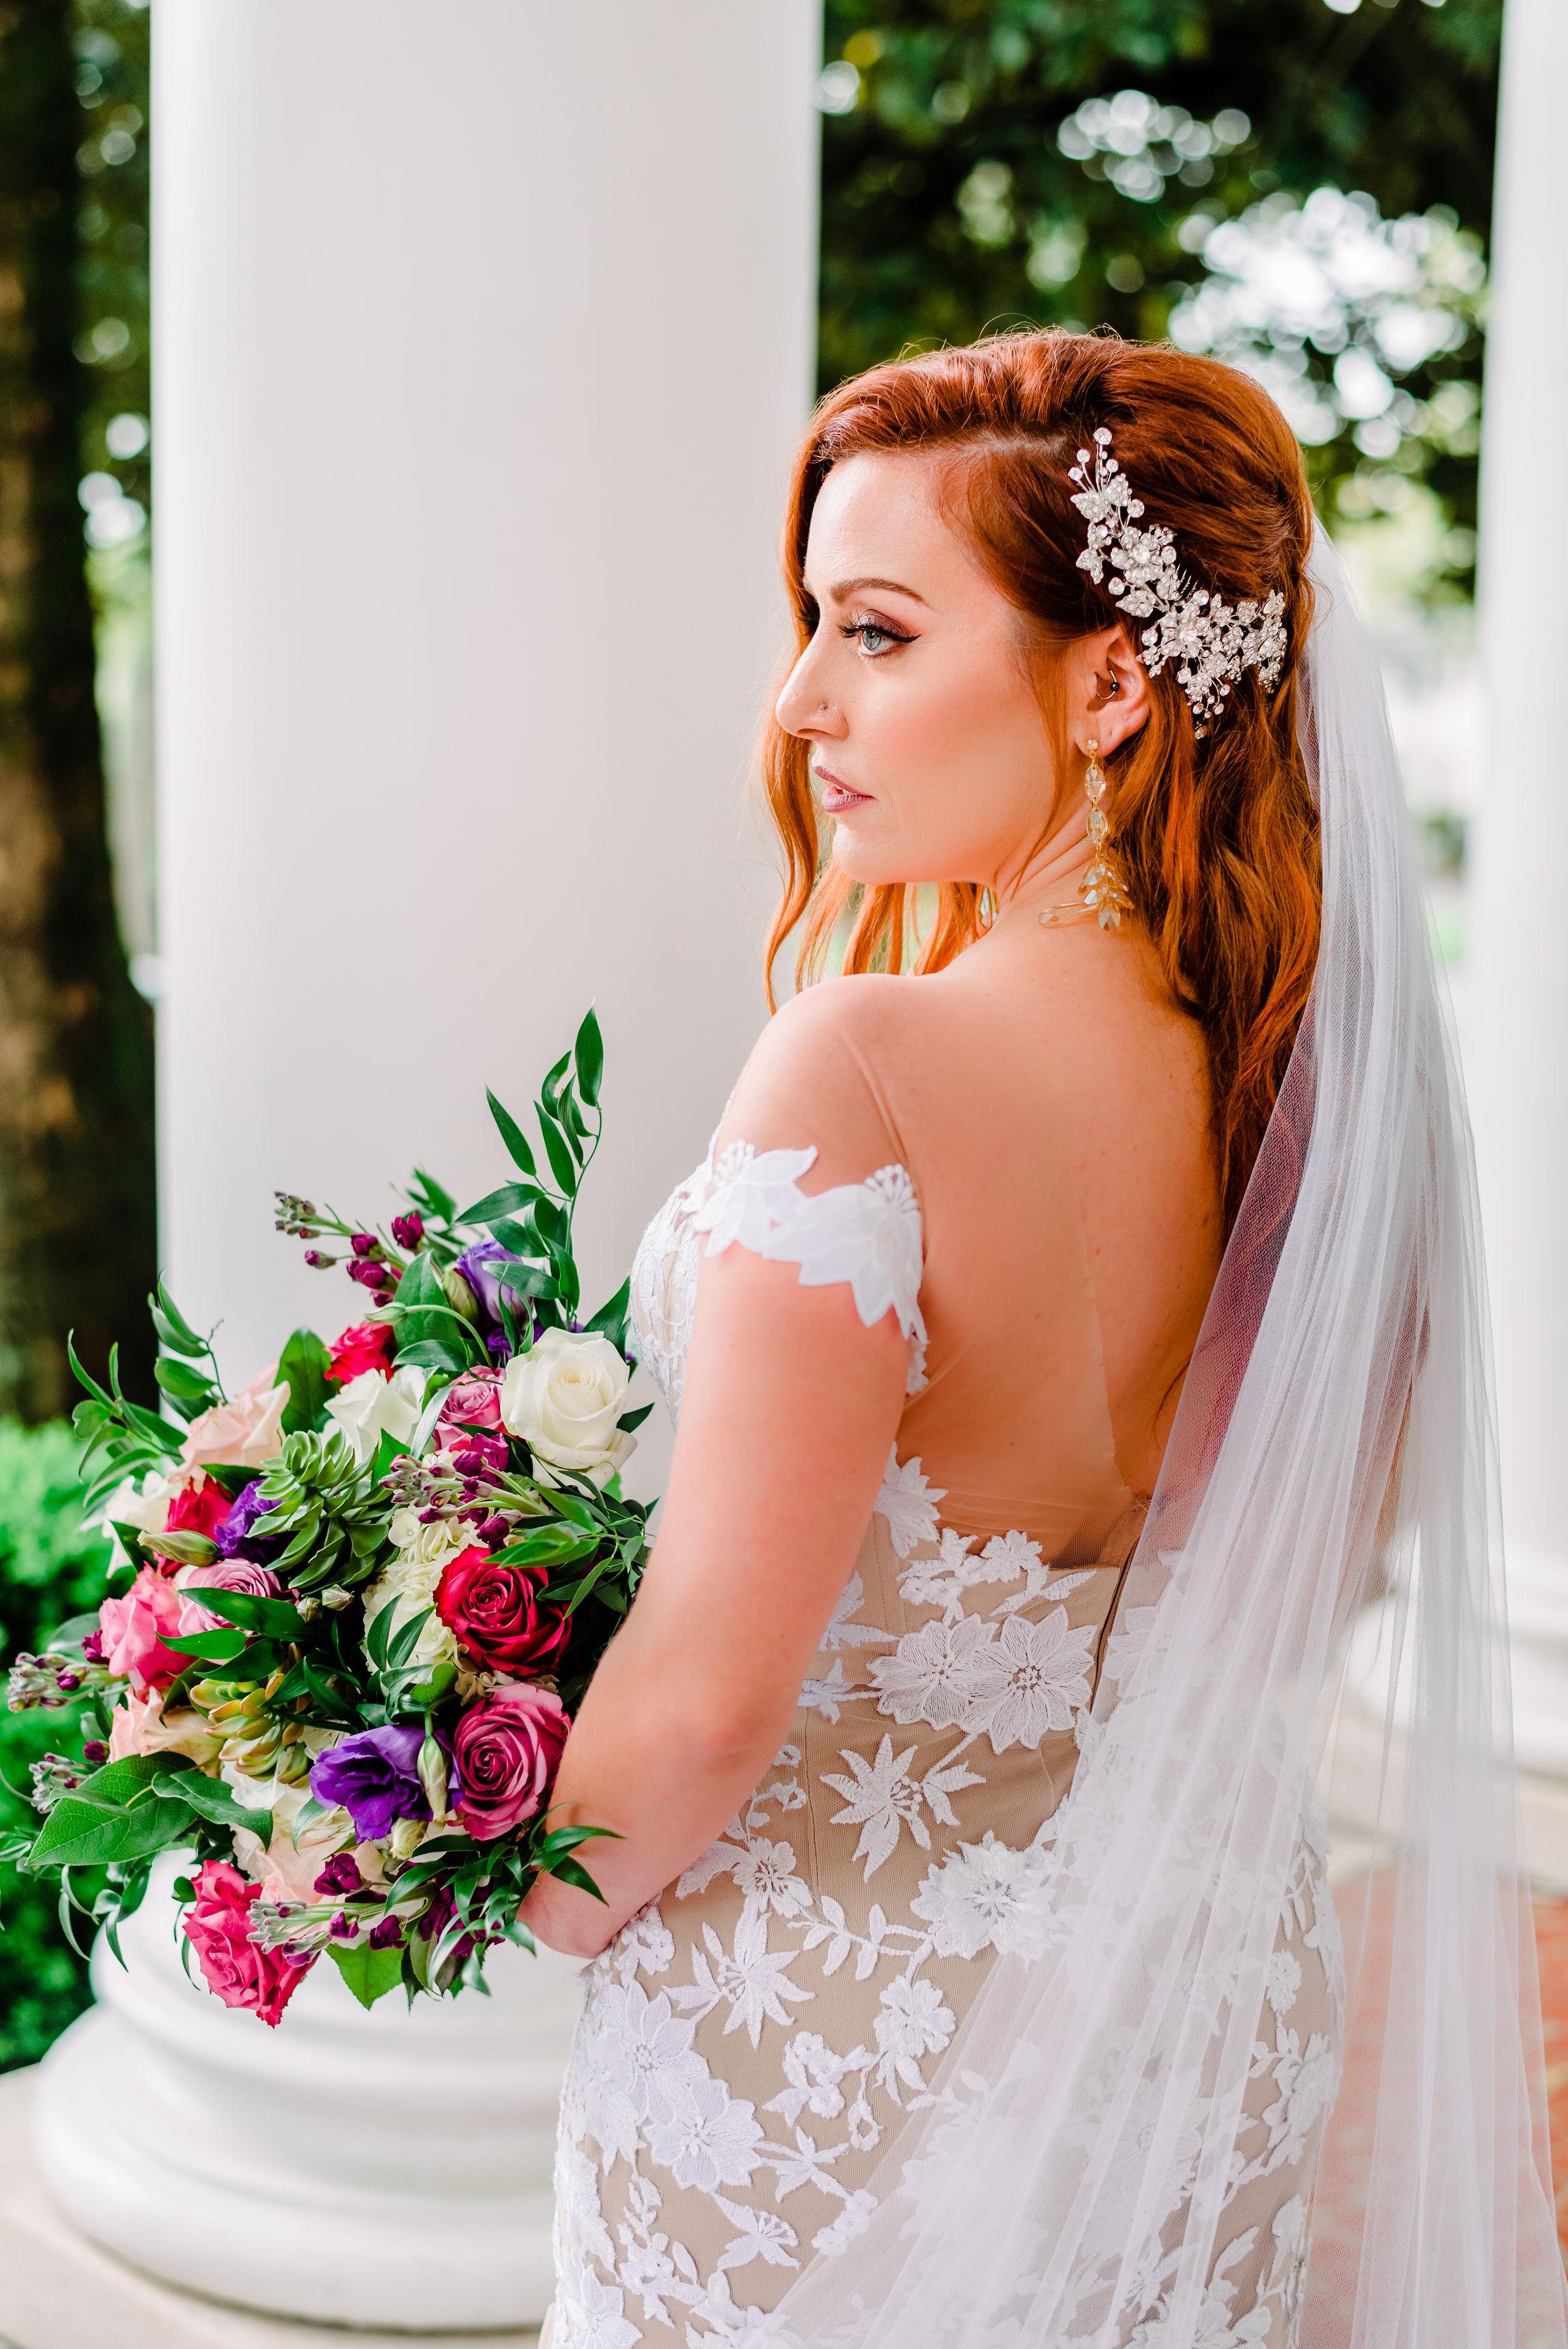 AshleyF_bridals-30.jpg